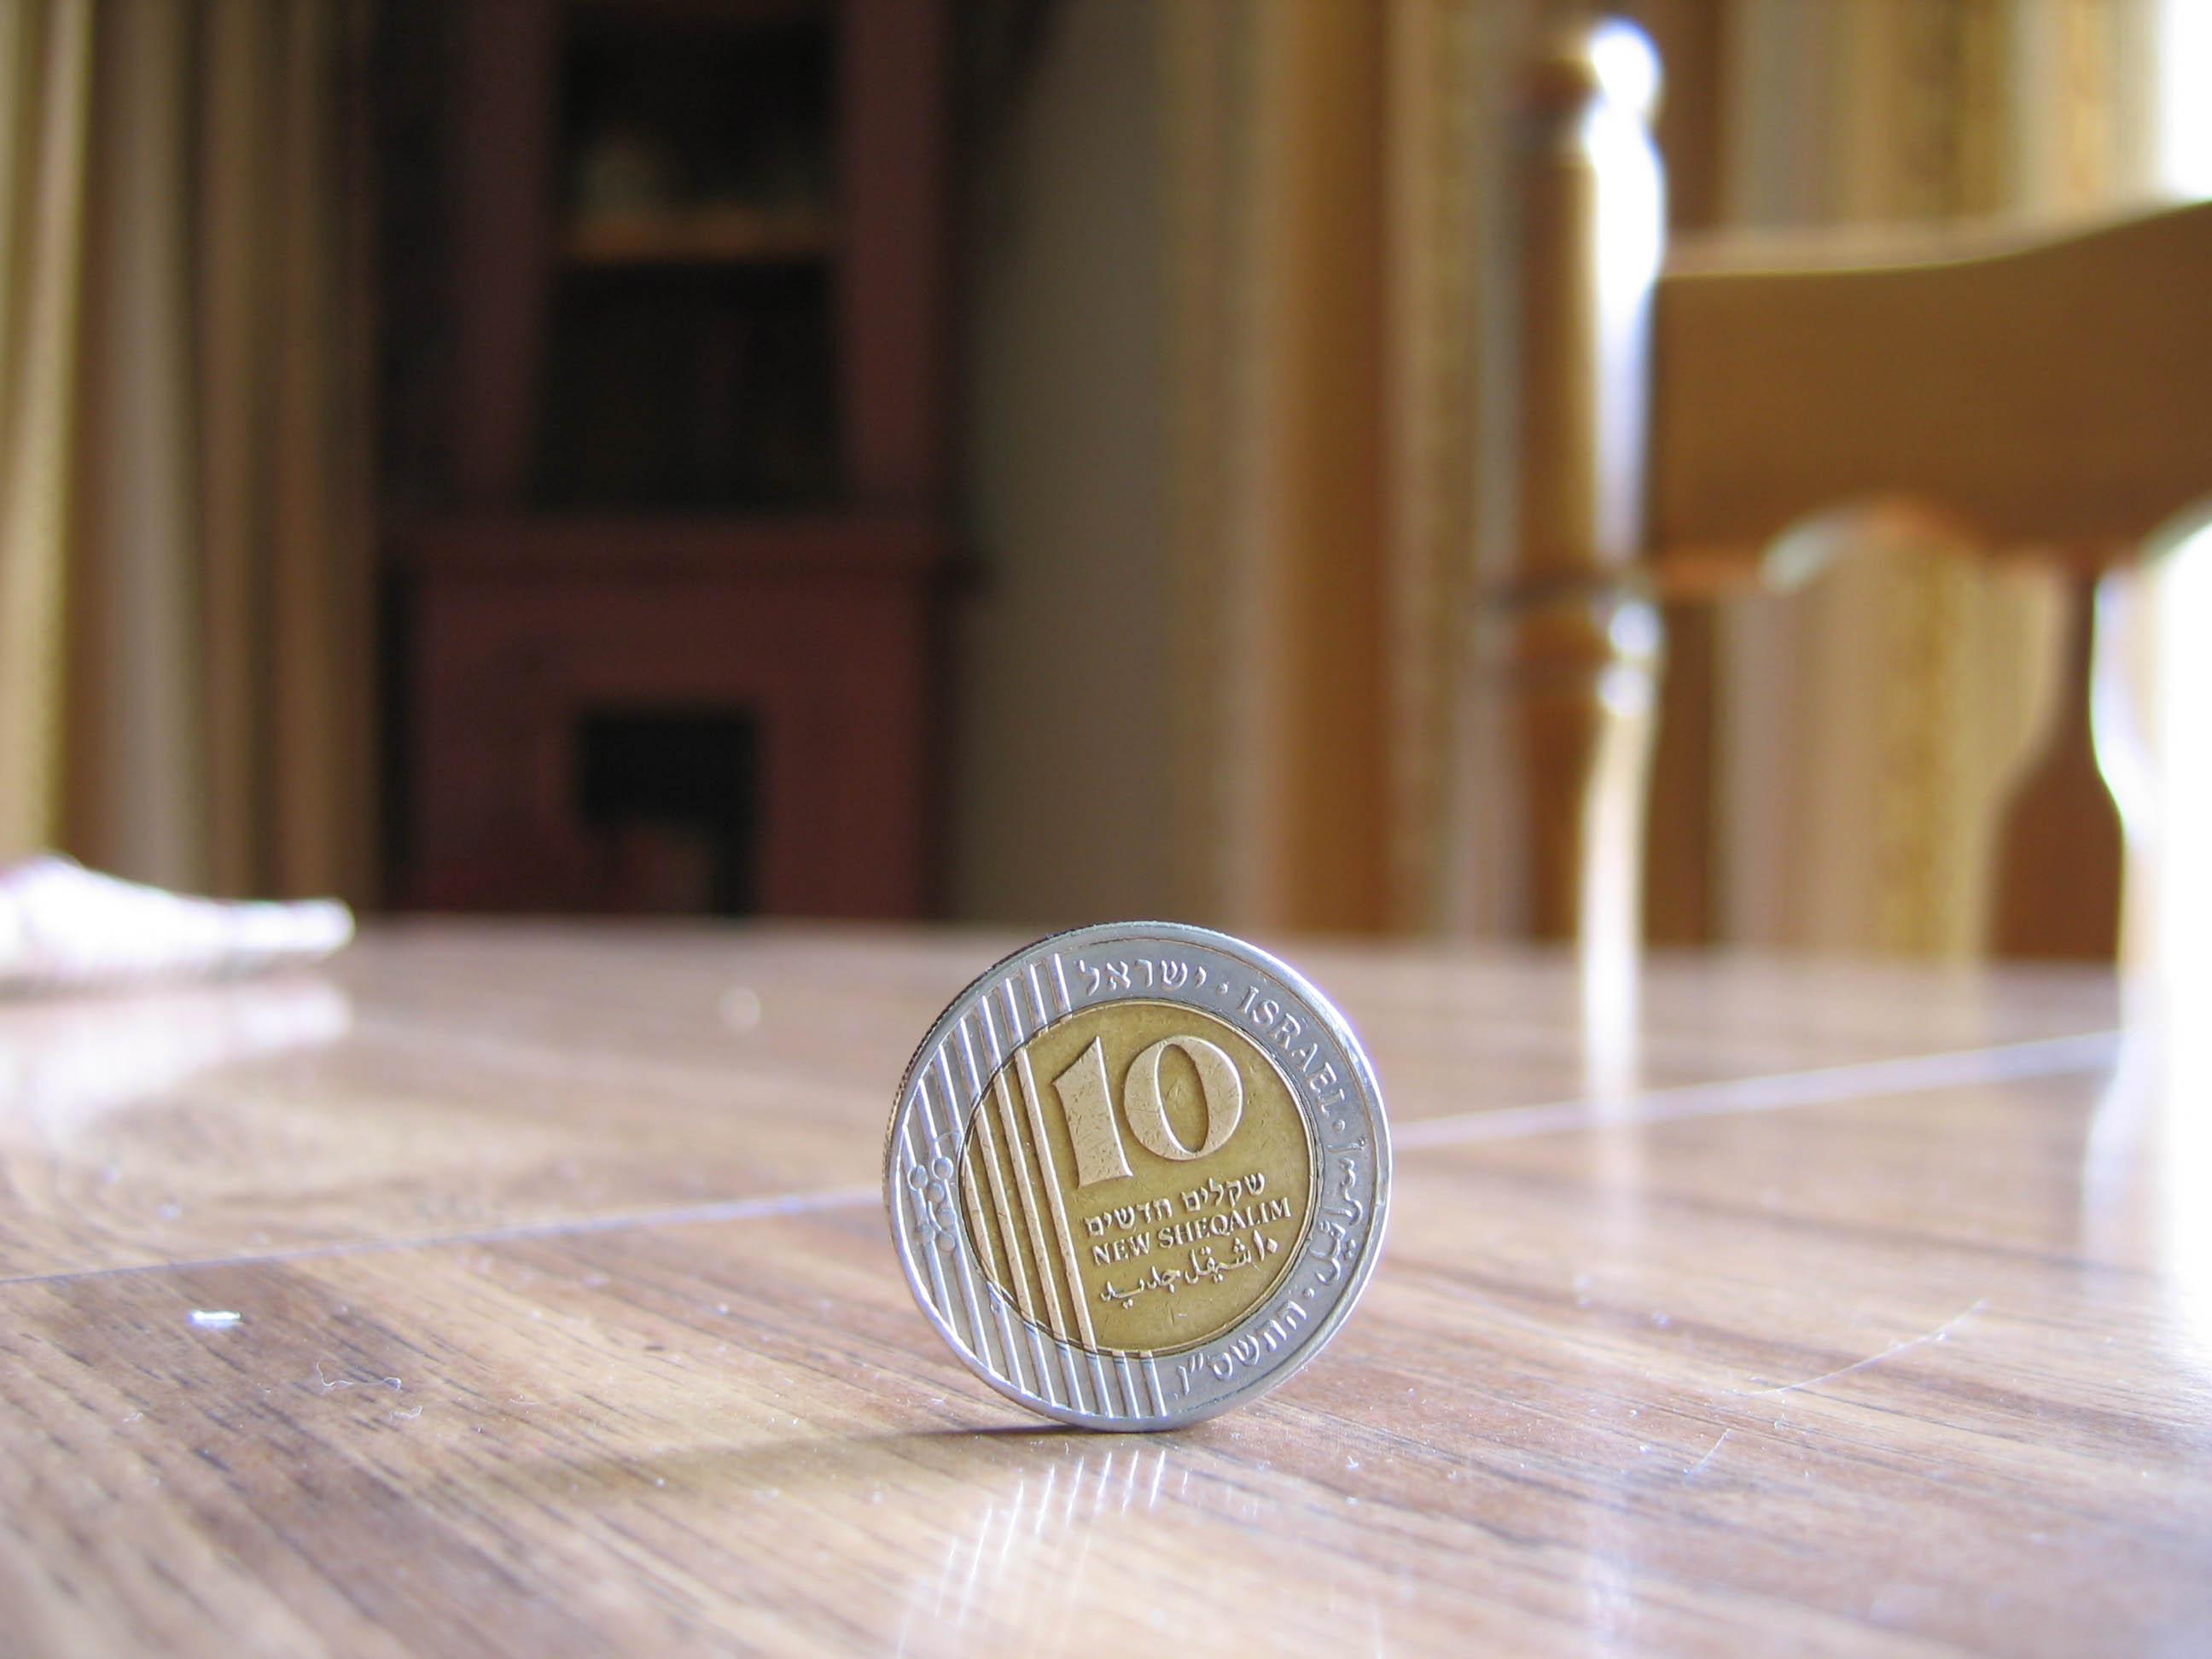 coin on edge